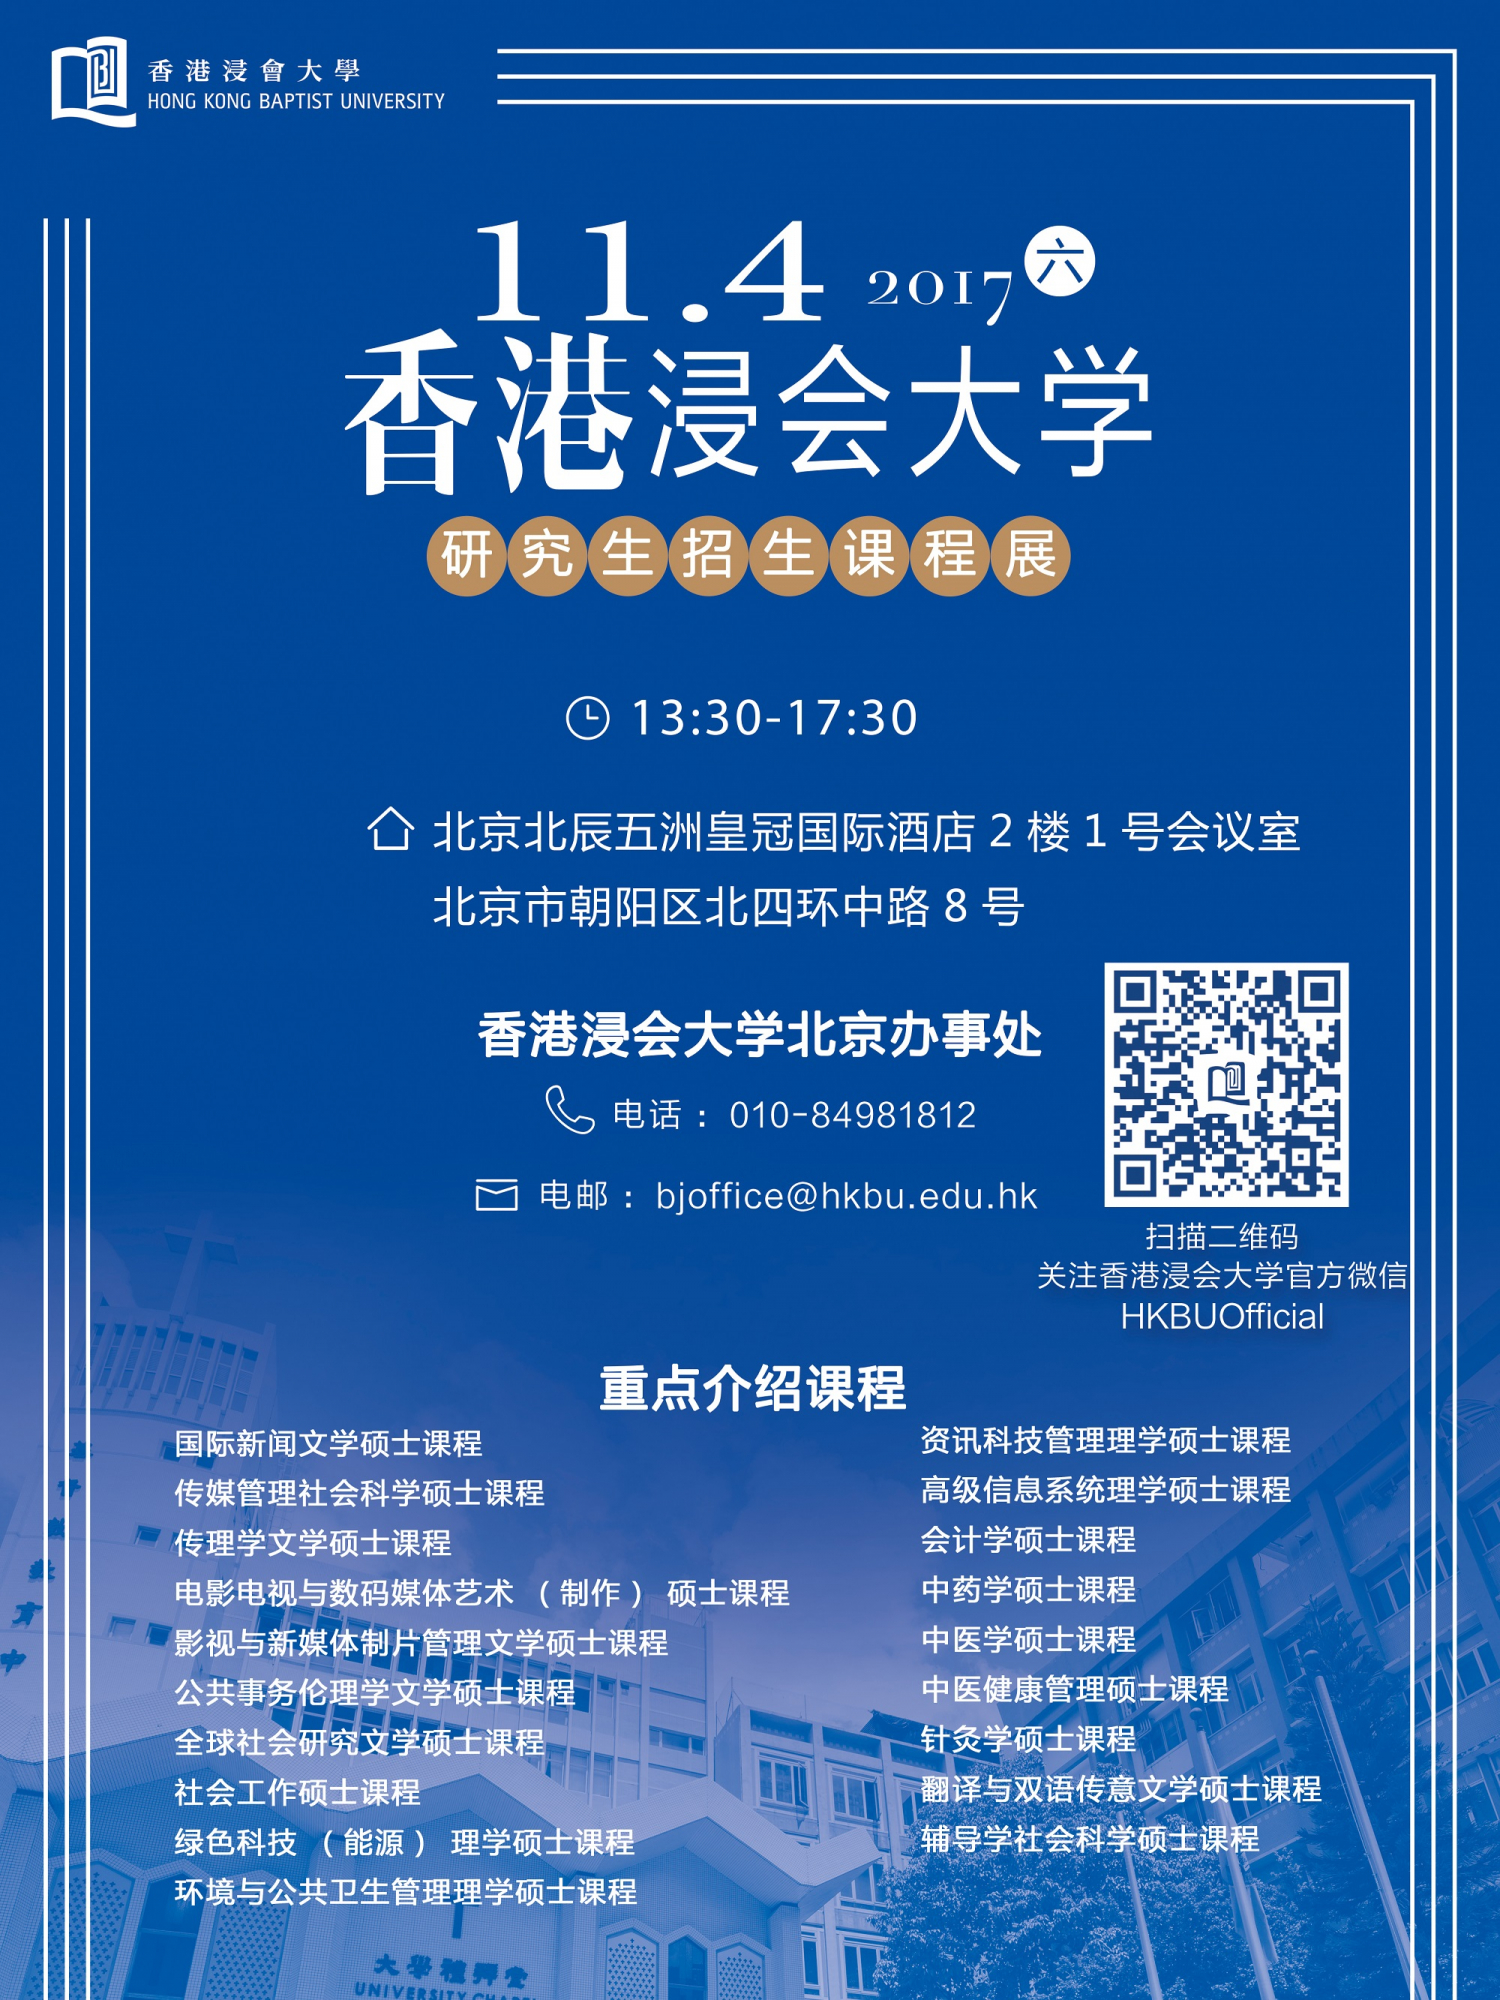 美麗北京,我們來了!|香港浸會大學2018/19研究生課程展北京站即將開啟!